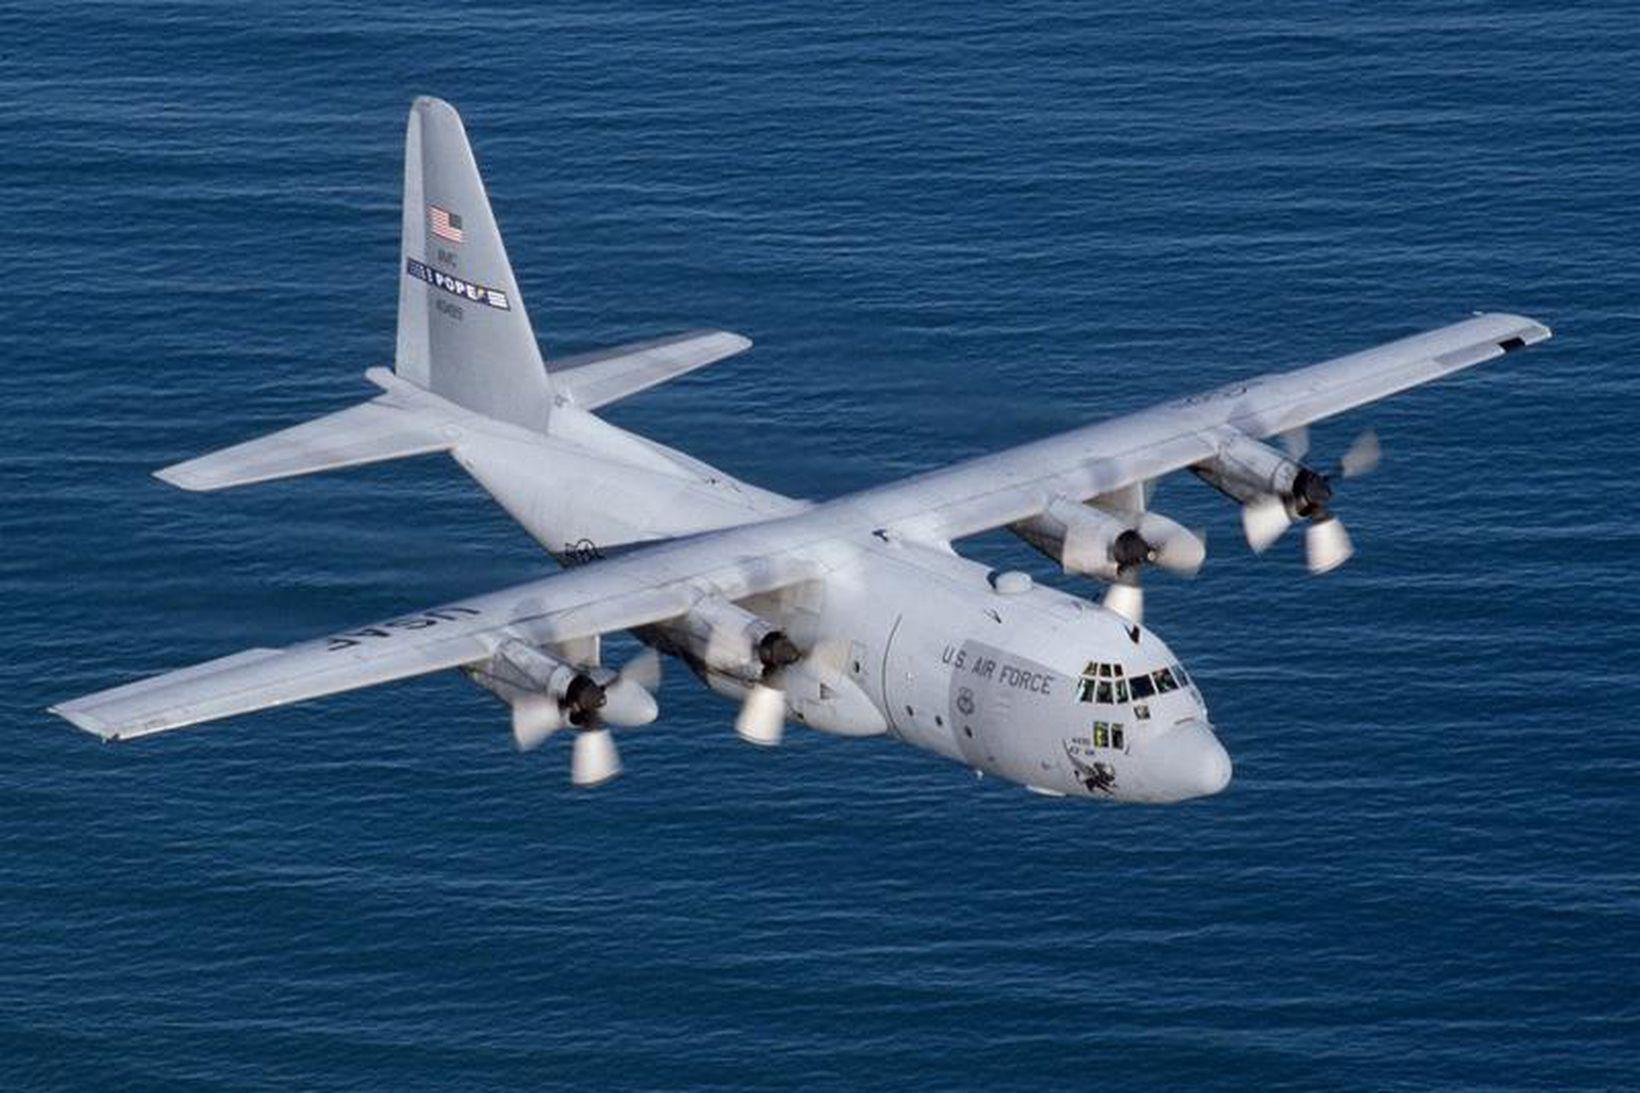 Vélin sem hvarf er af gerðinni Hercules C-130, líkt og …